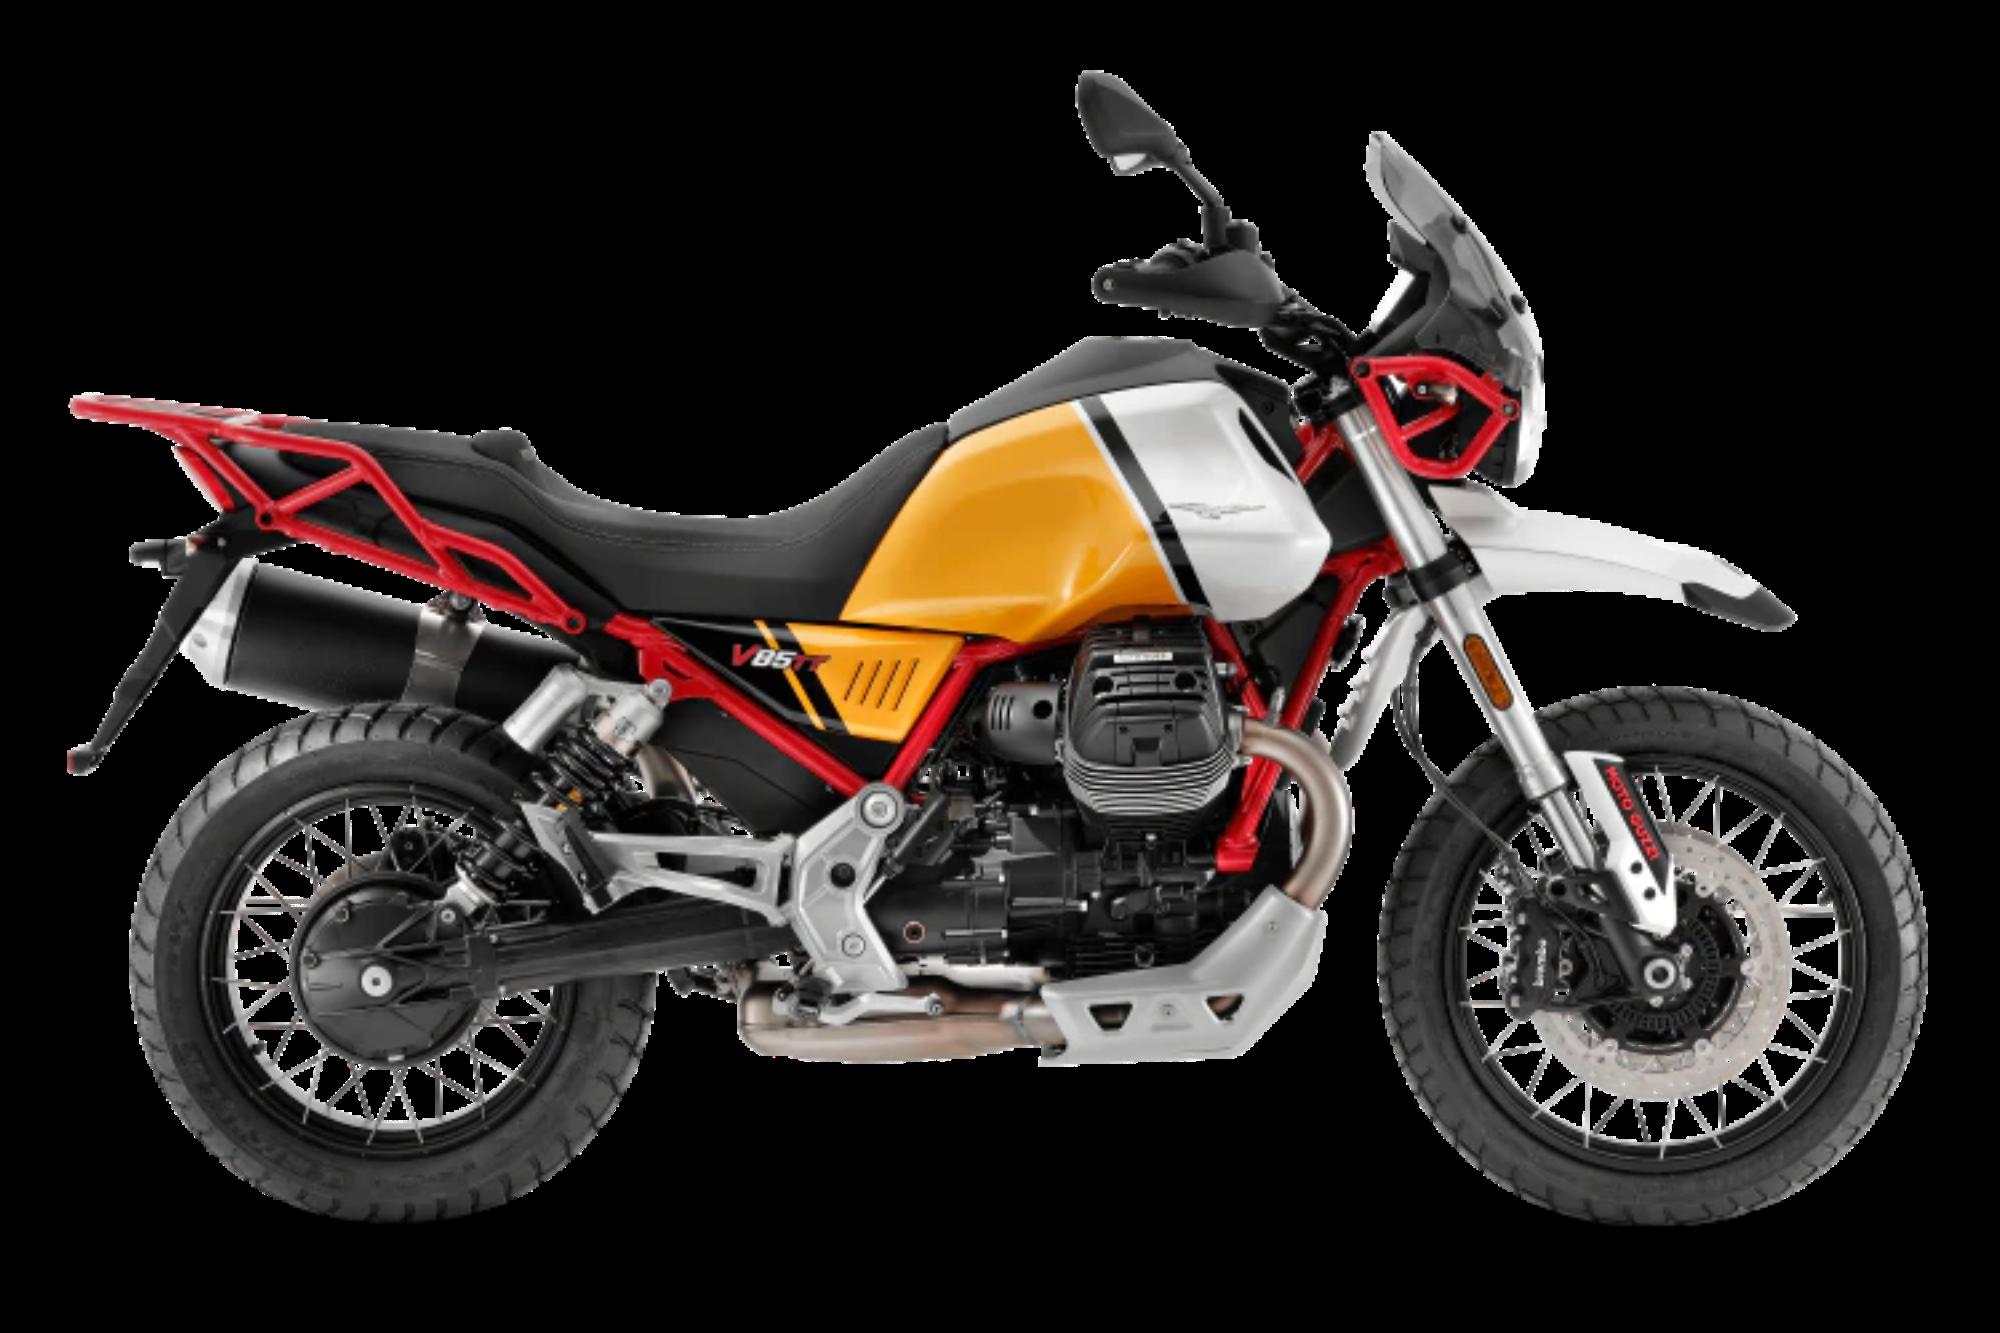 Moto Guzzi V85 TT 850 E5 Evocative Graphics